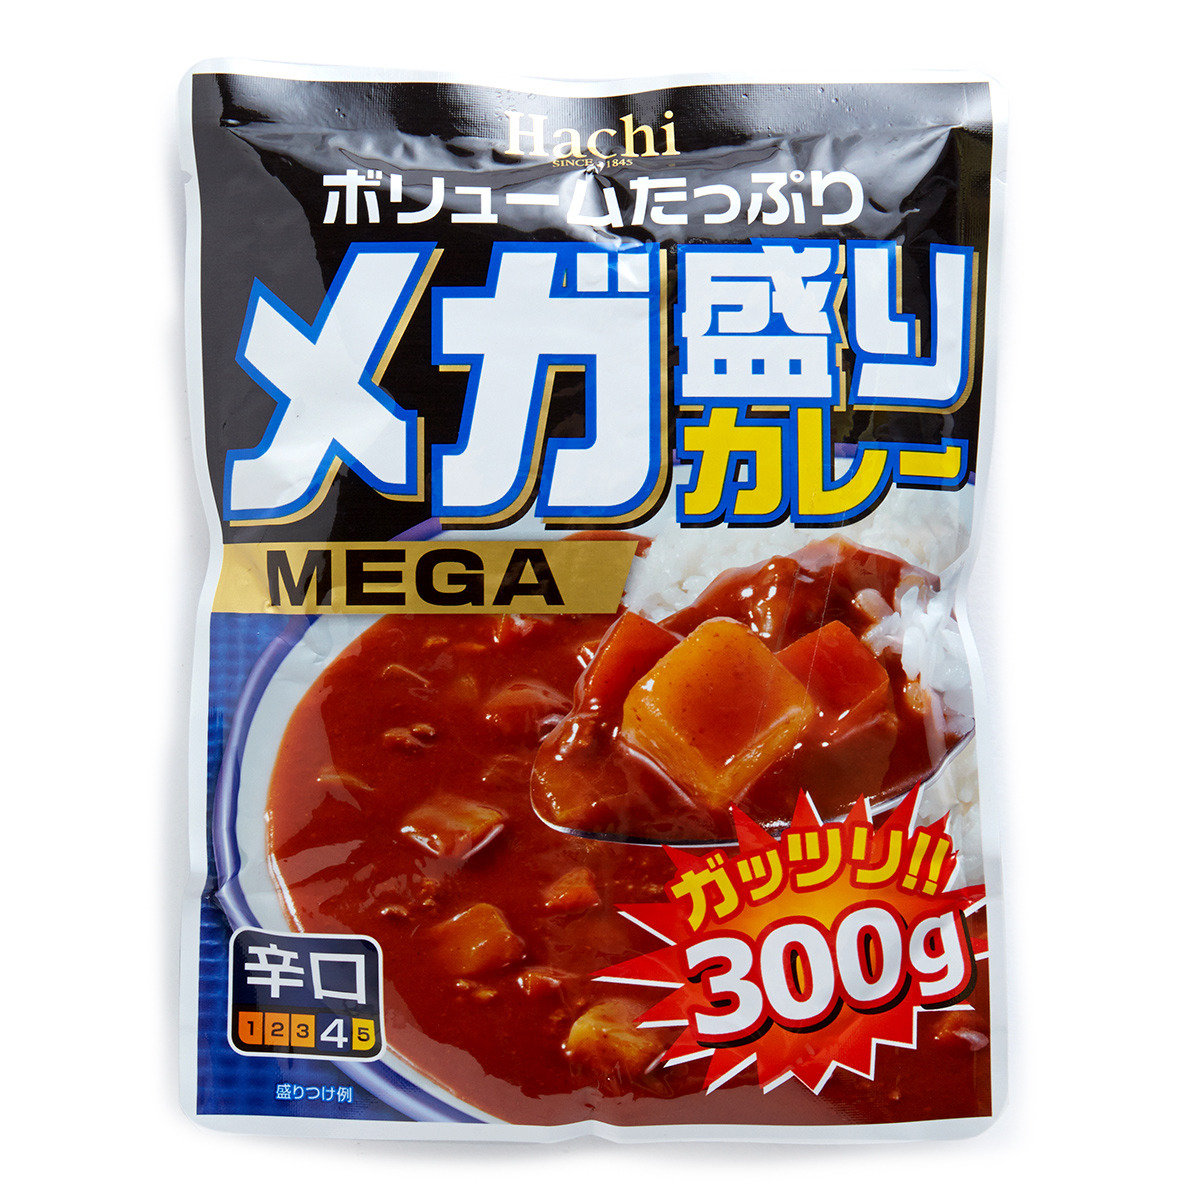 大盛咖喱 - 較辣